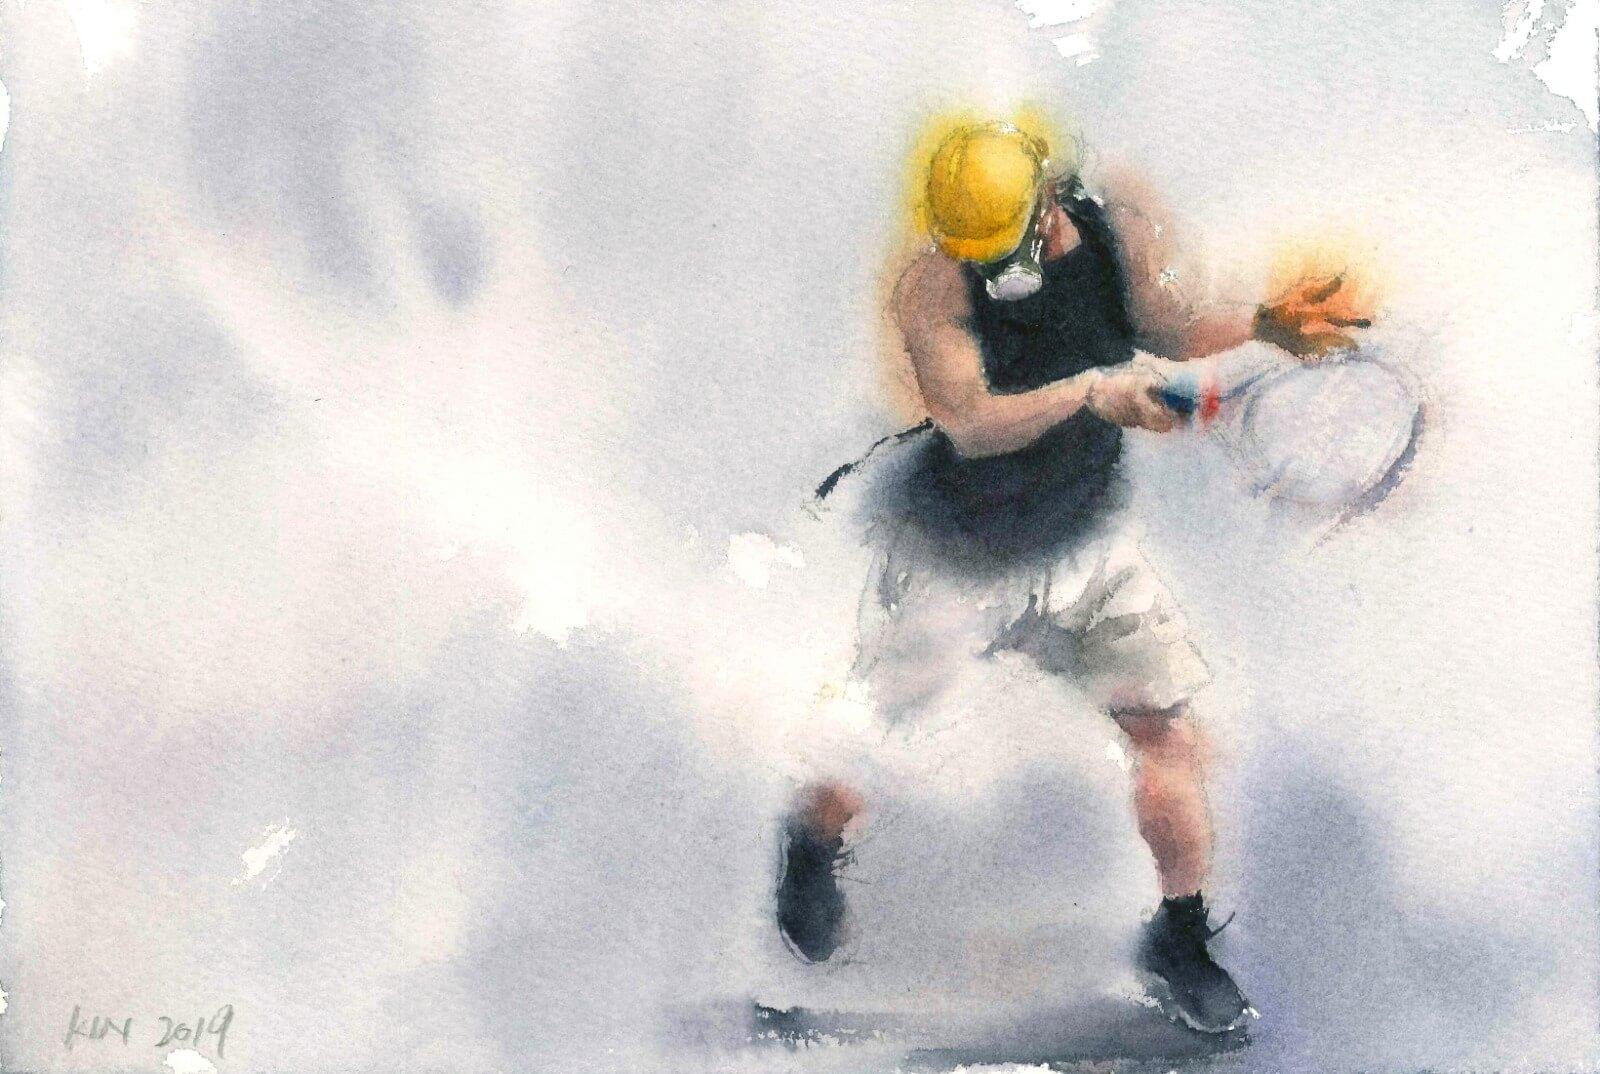 隨着抗爭升級,警方經常發射催淚彈,示威者抵禦催淚彈的場面漸成常態。畫作源自824觀塘遊行,馮健勳受抗爭者的行動觸動,第一次開始以「剛毅」為主題,嘗試用水彩表達催淚煙。